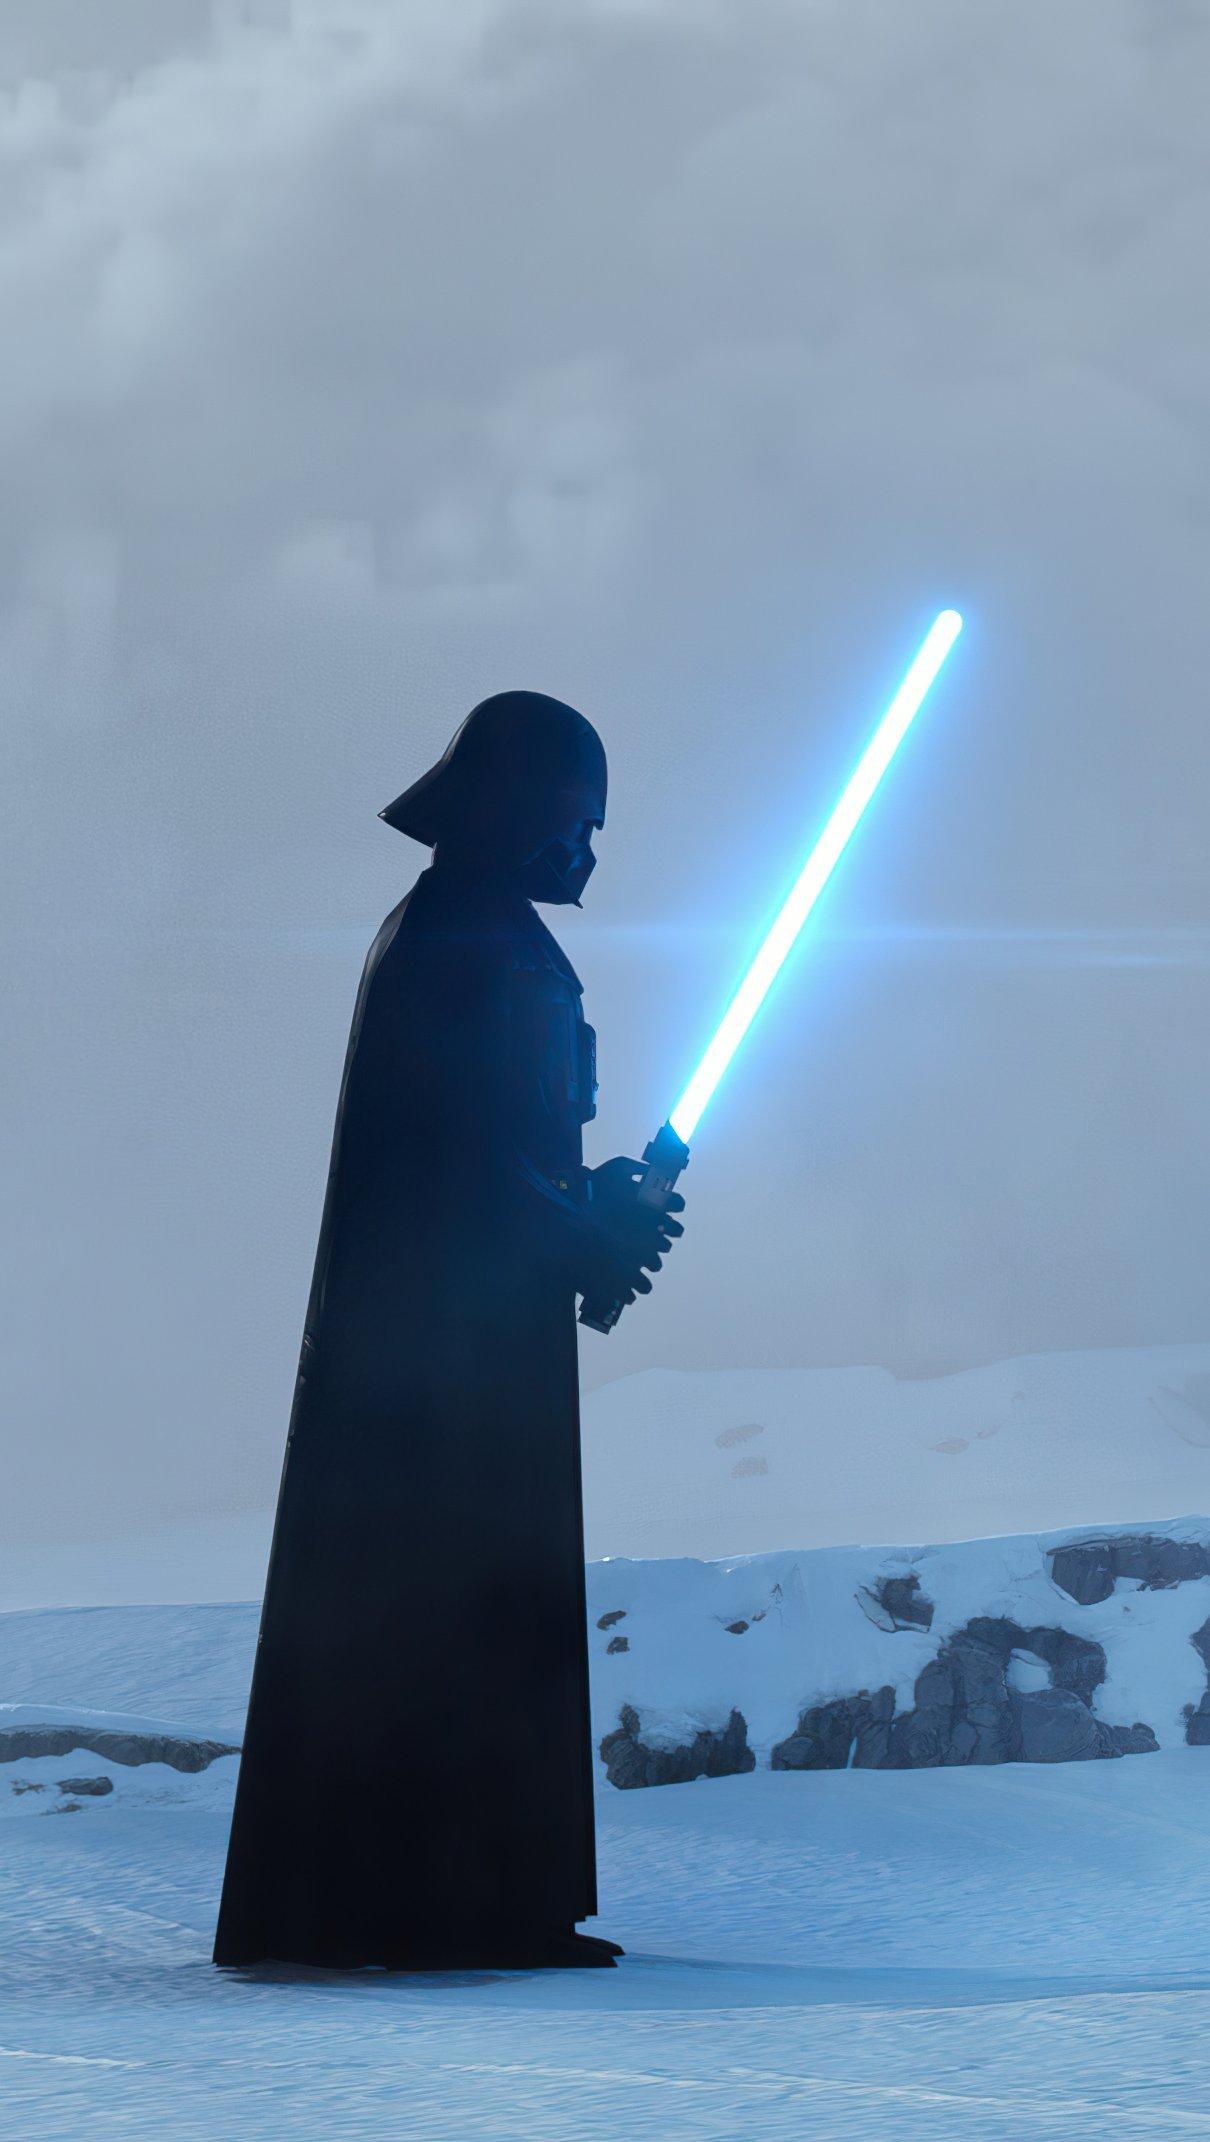 Darth Vader Star Wars The Clone Wars Wallpaper 5k Ultra Hd Id 7914